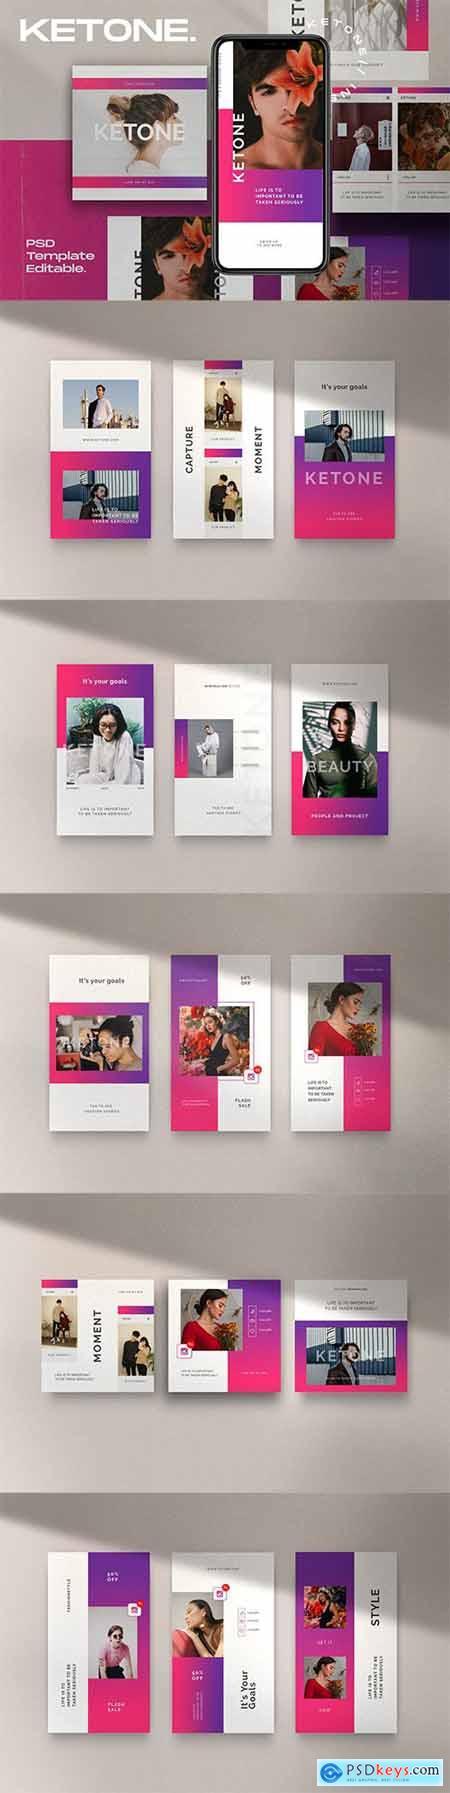 Ketone Pack 2 - Instagram Post + Stories